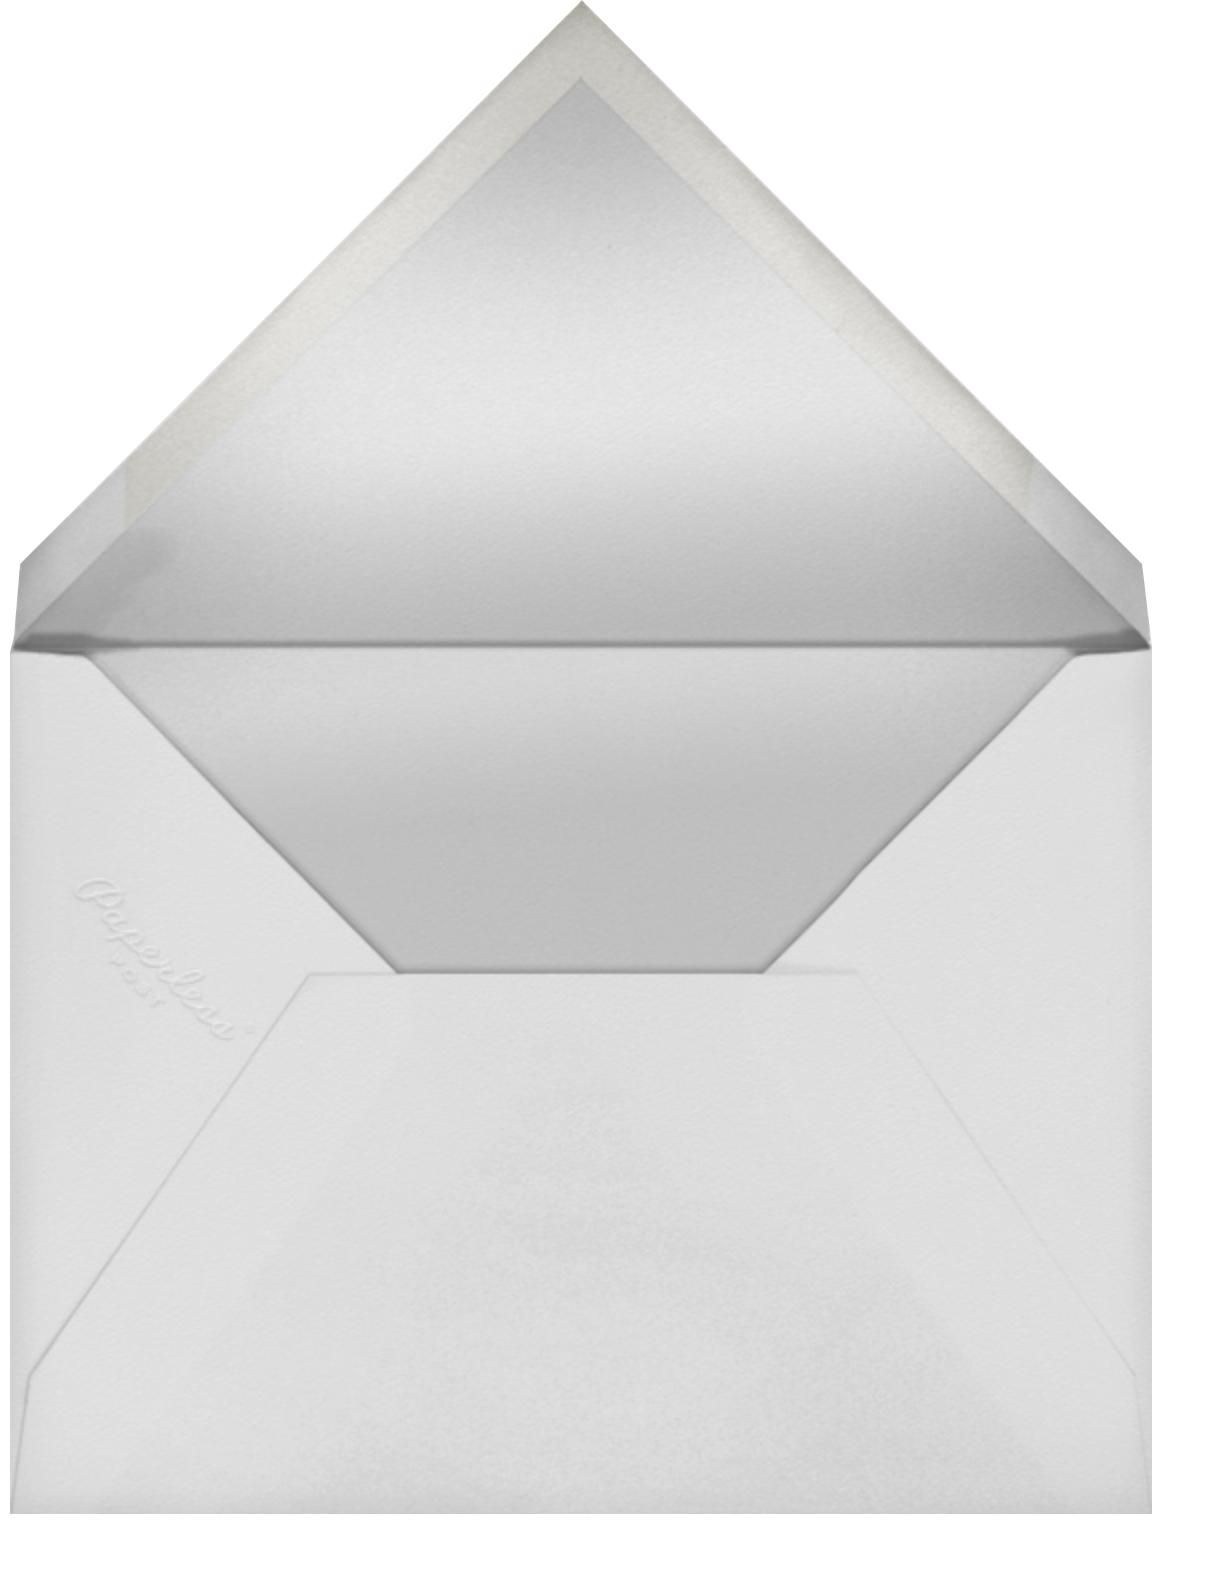 Celeste (Program - Paperless Post - Menus and programs - envelope back